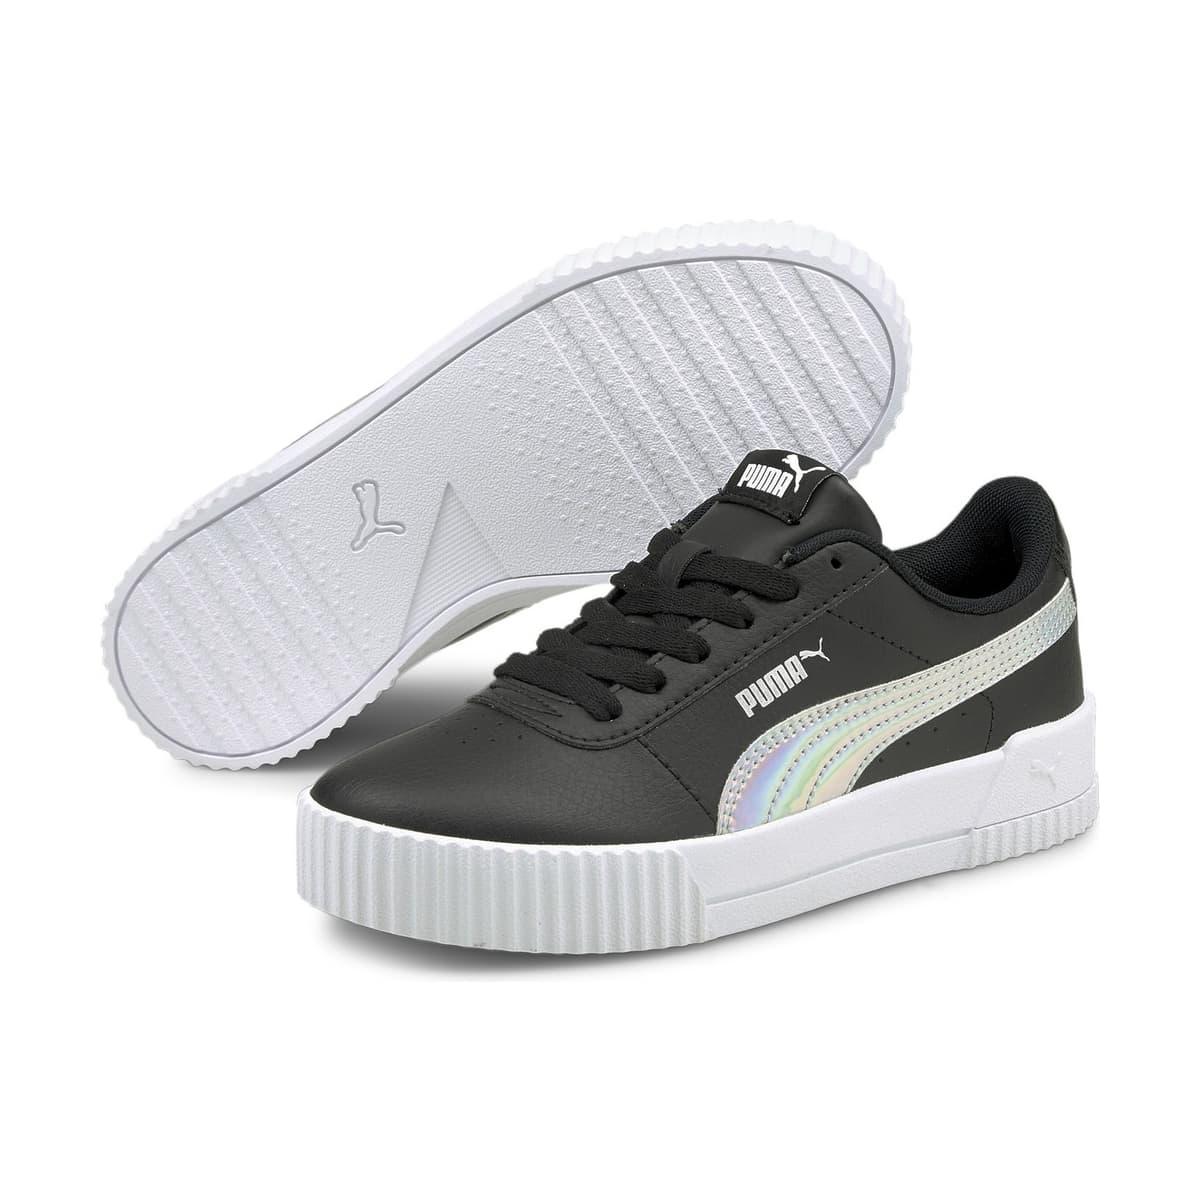 Carina Rainbow Kadın Siyah Spor Ayakkabı (380895-02)